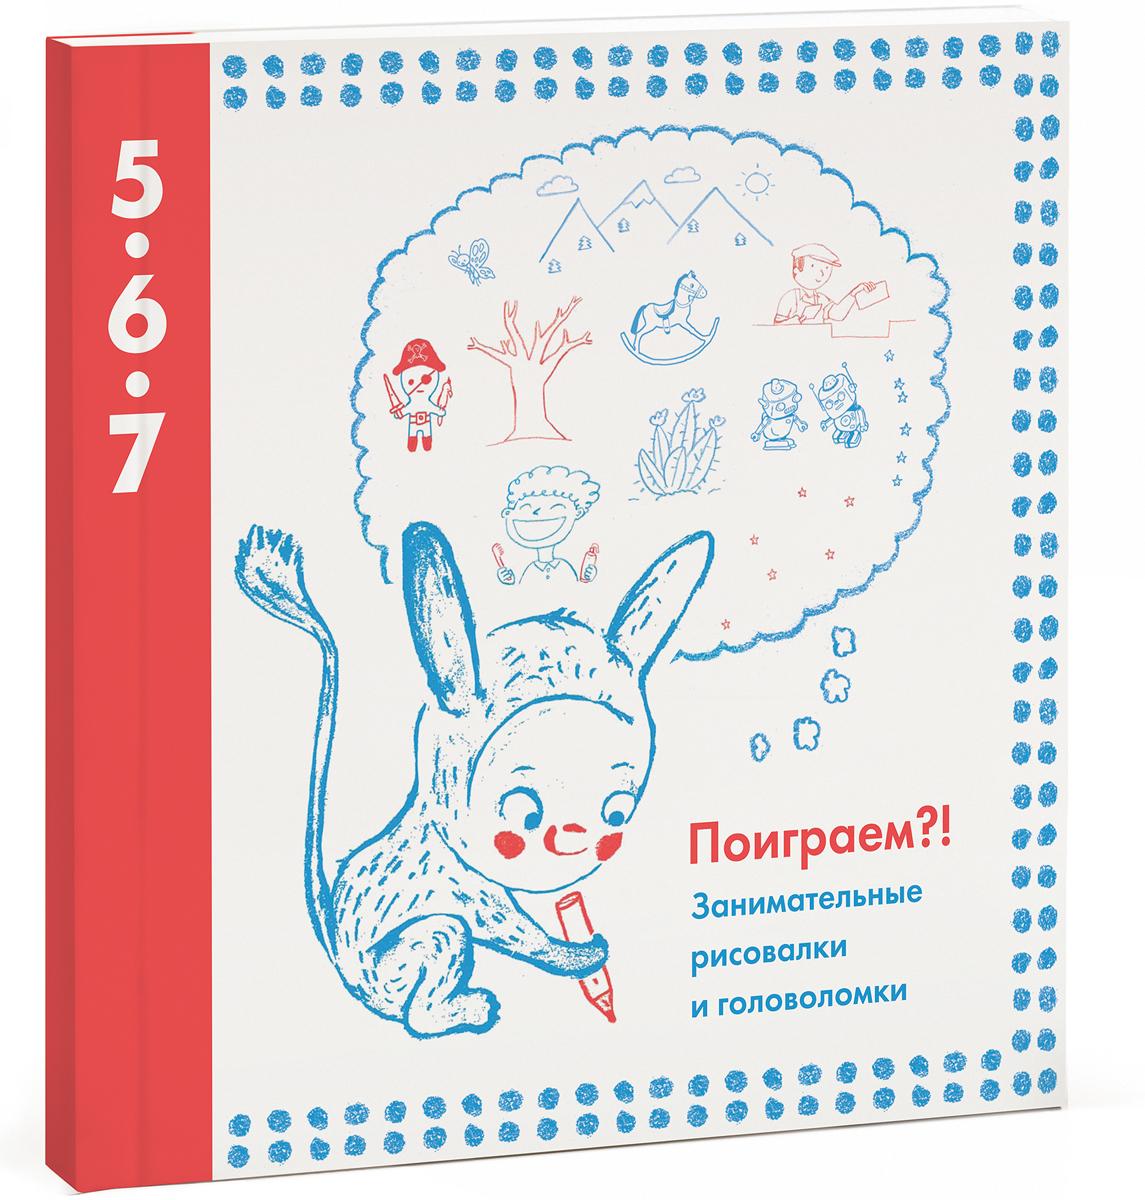 Купить Поиграем?! Занимательные рисовалки и головоломки. Для детей от 5 до 7 лет